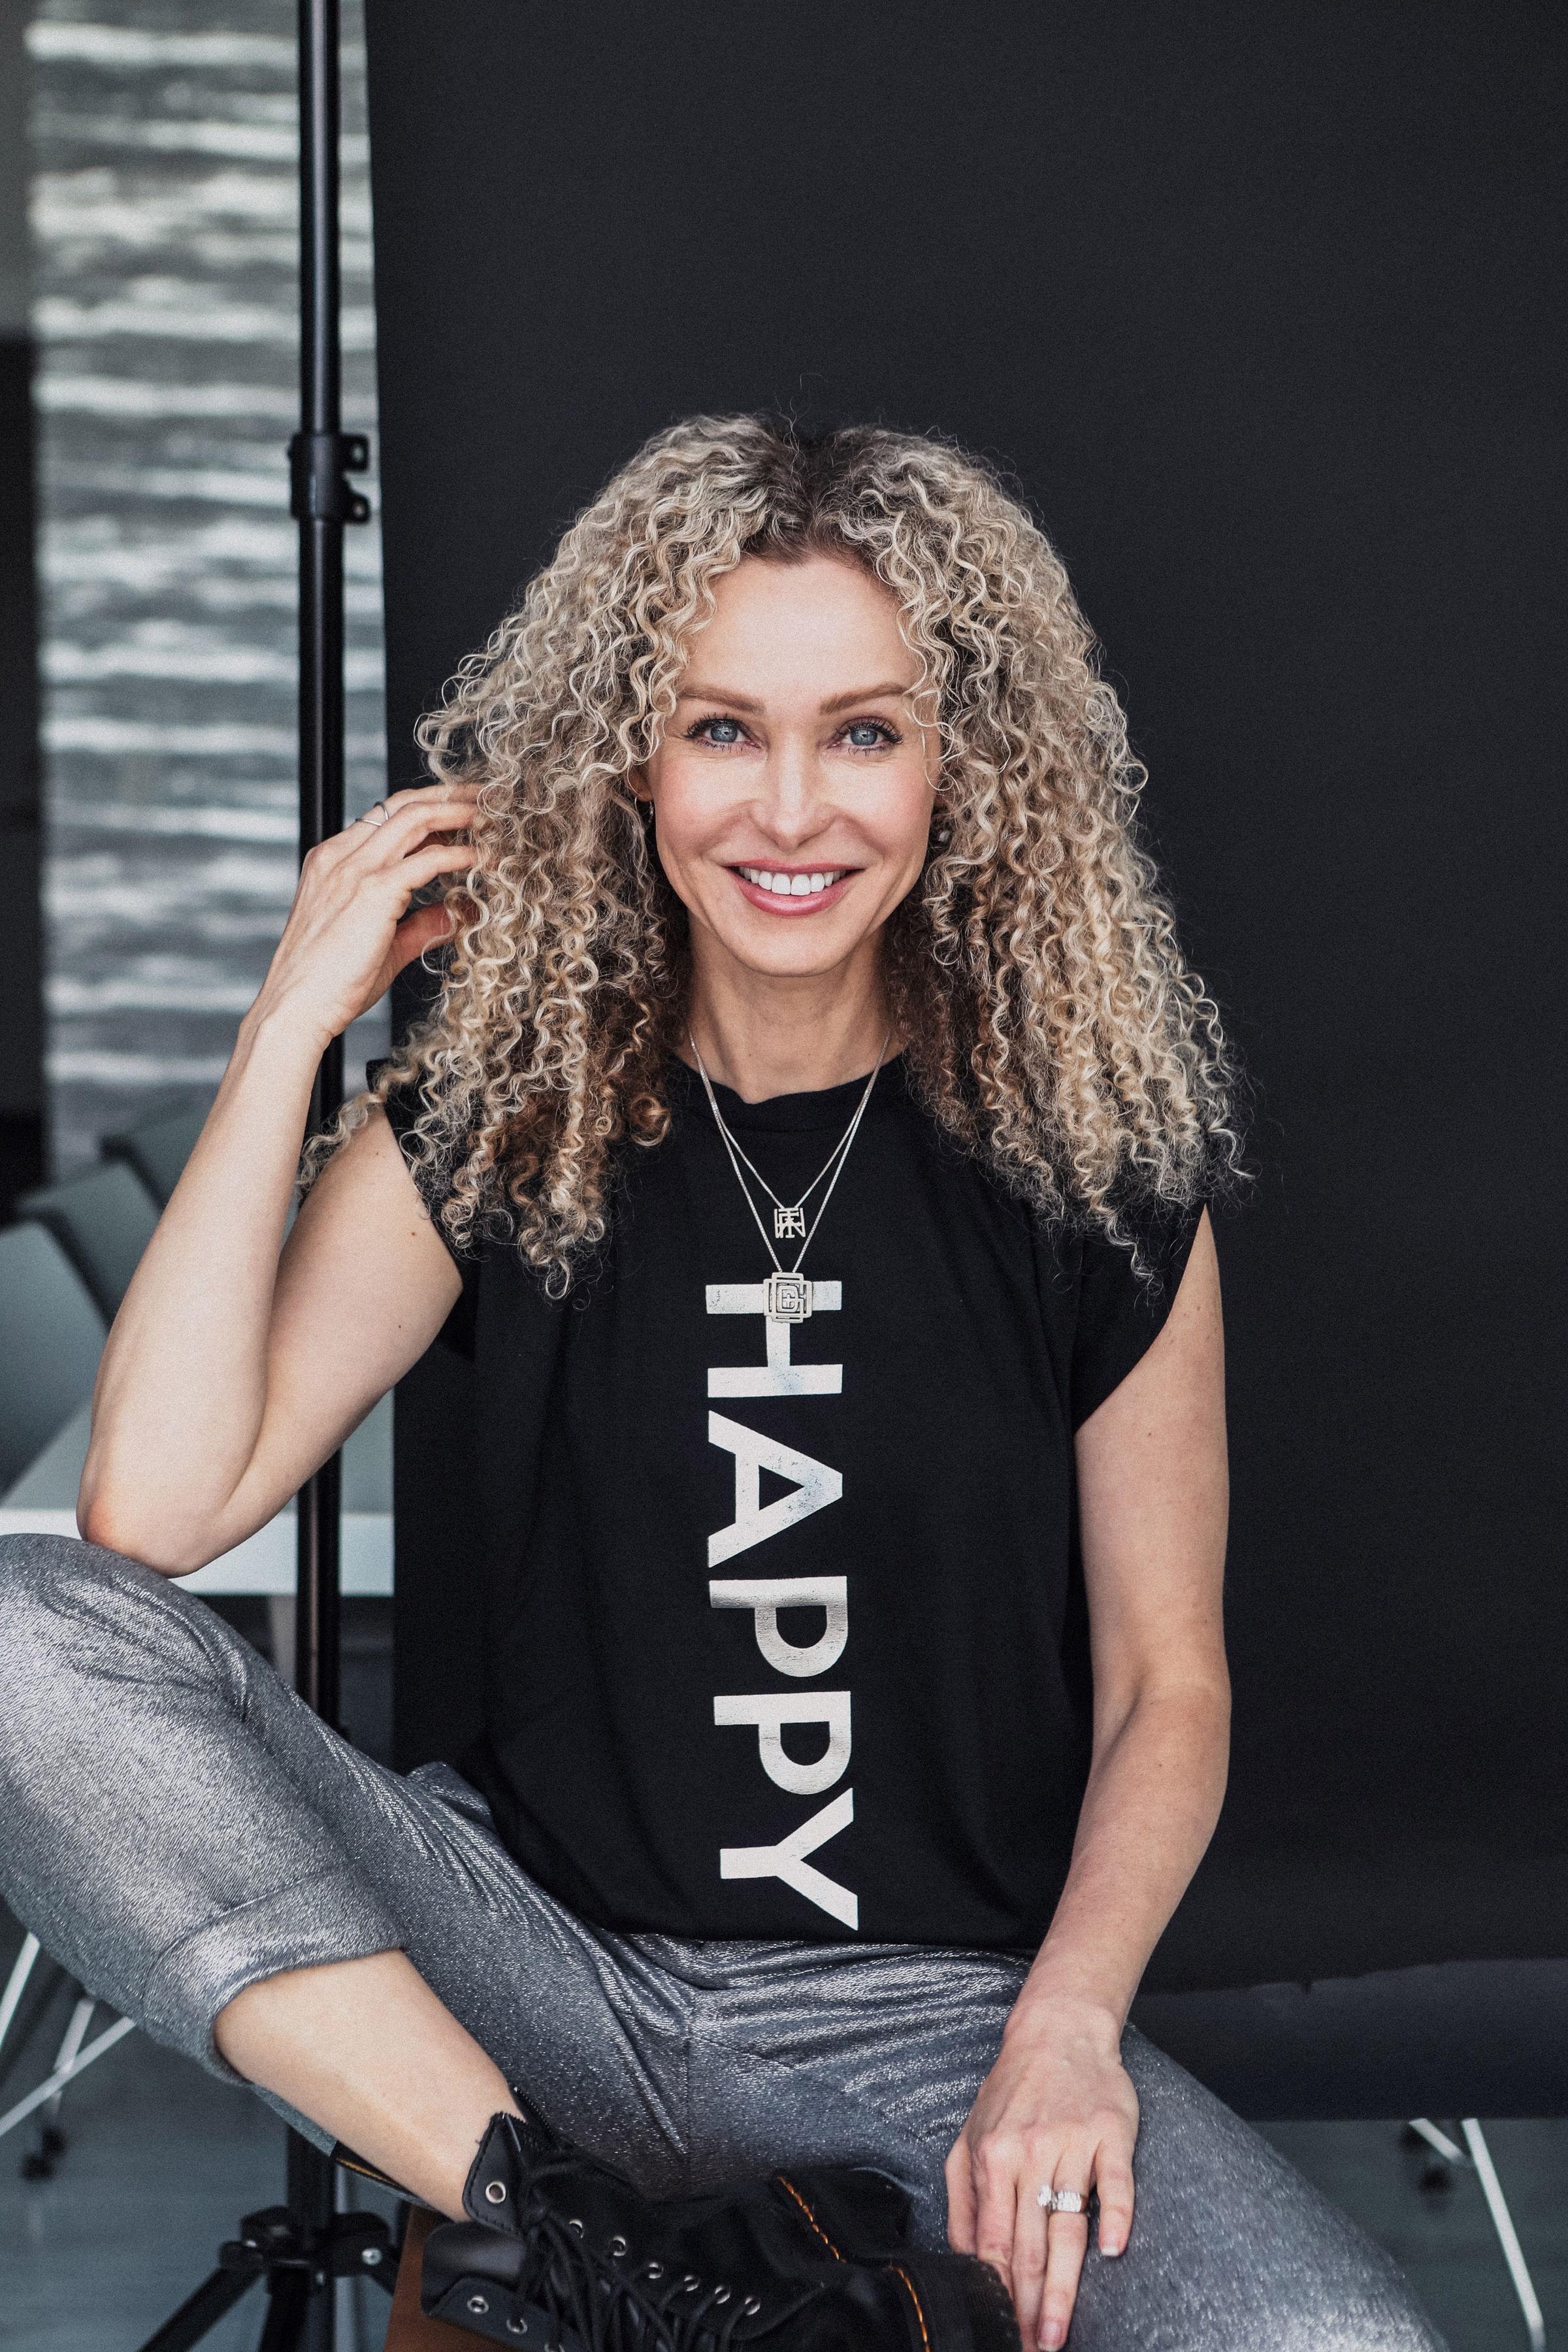 Maja Arnold, Jewelry Designer